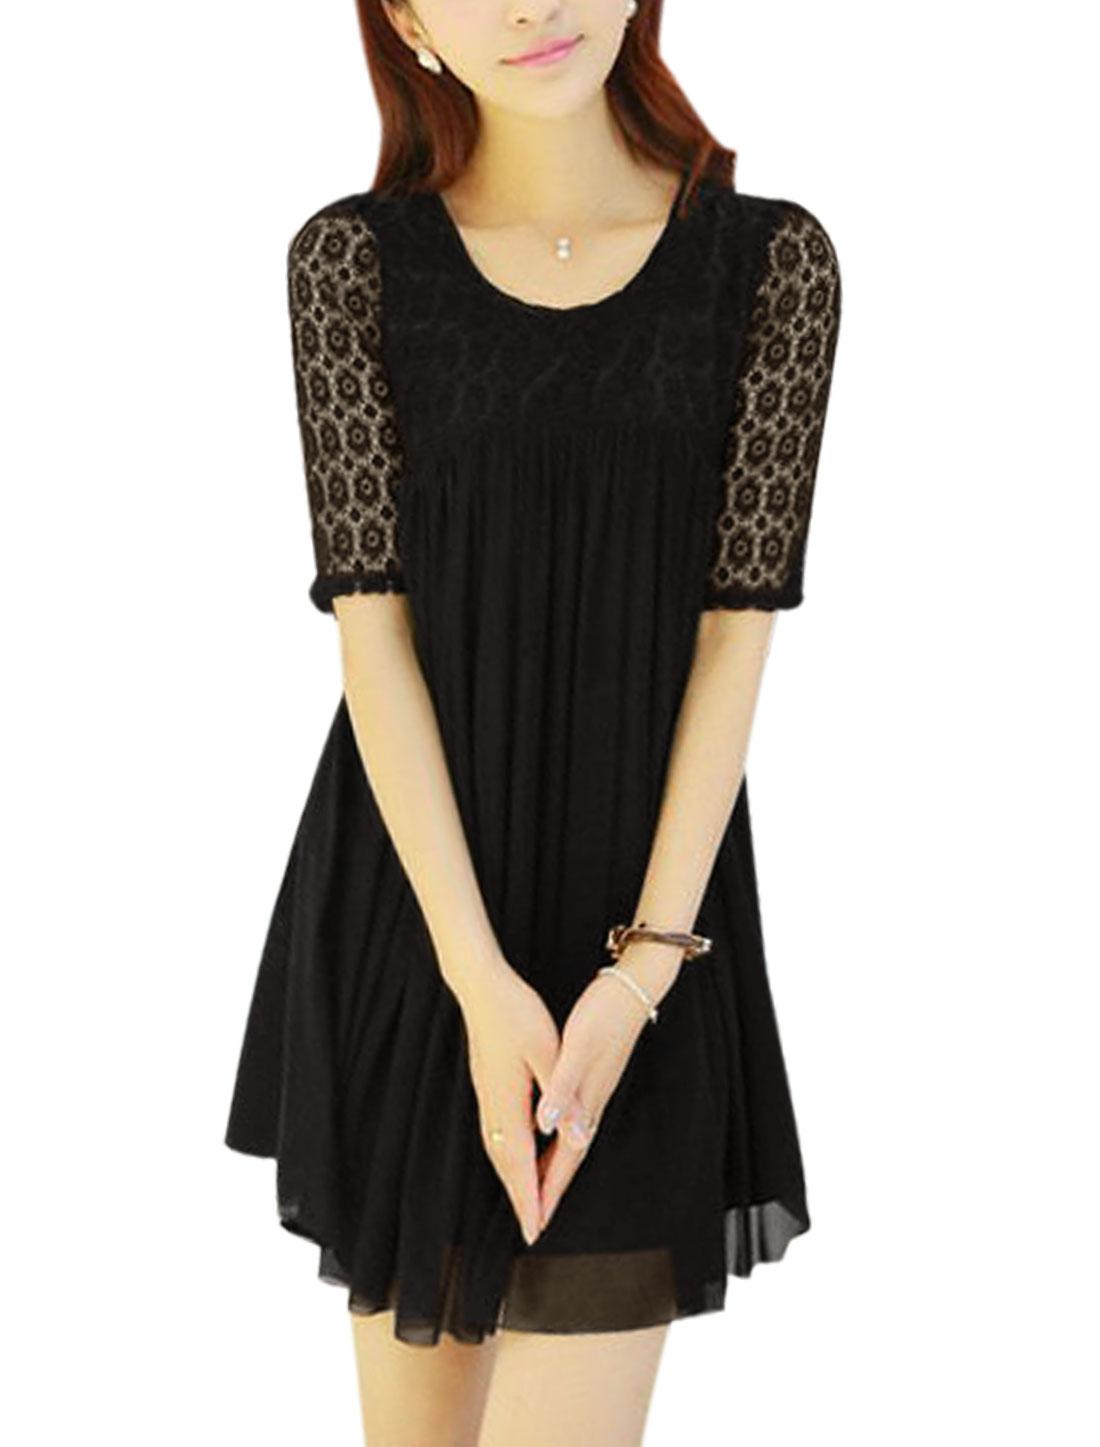 Ladies Sweet Elbow Sleeve Flouncing Hem Flower Design Mesh Dress Black M